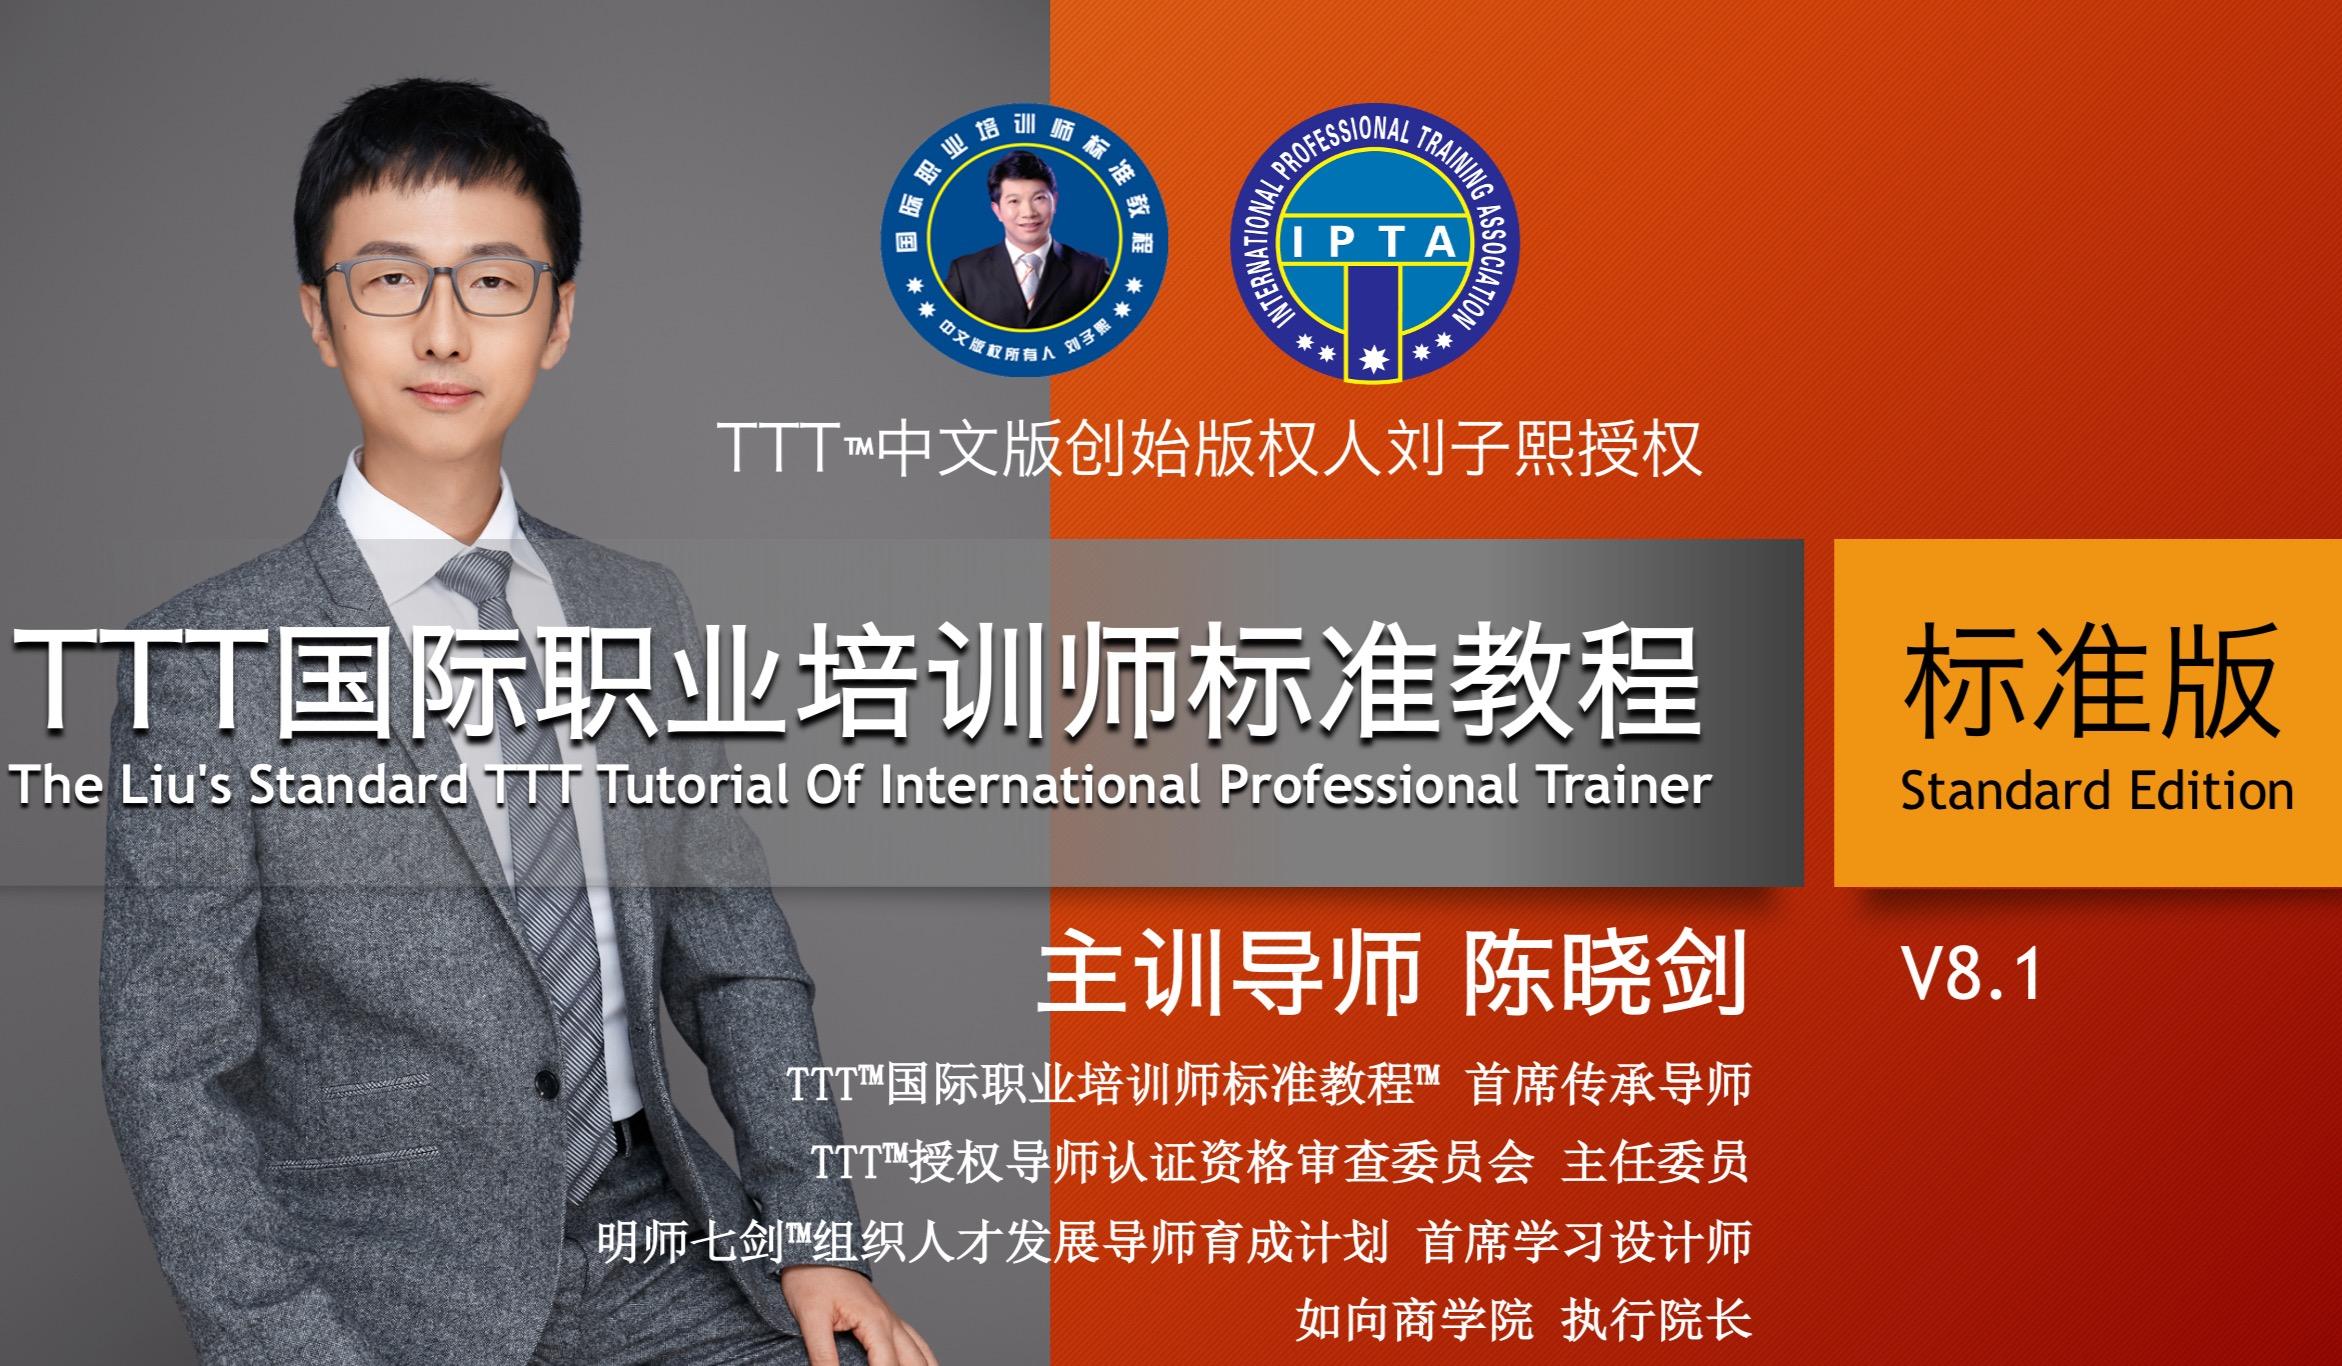 324期TTT国际职业培训师标准教程认证班(2020.8.21-23成都)